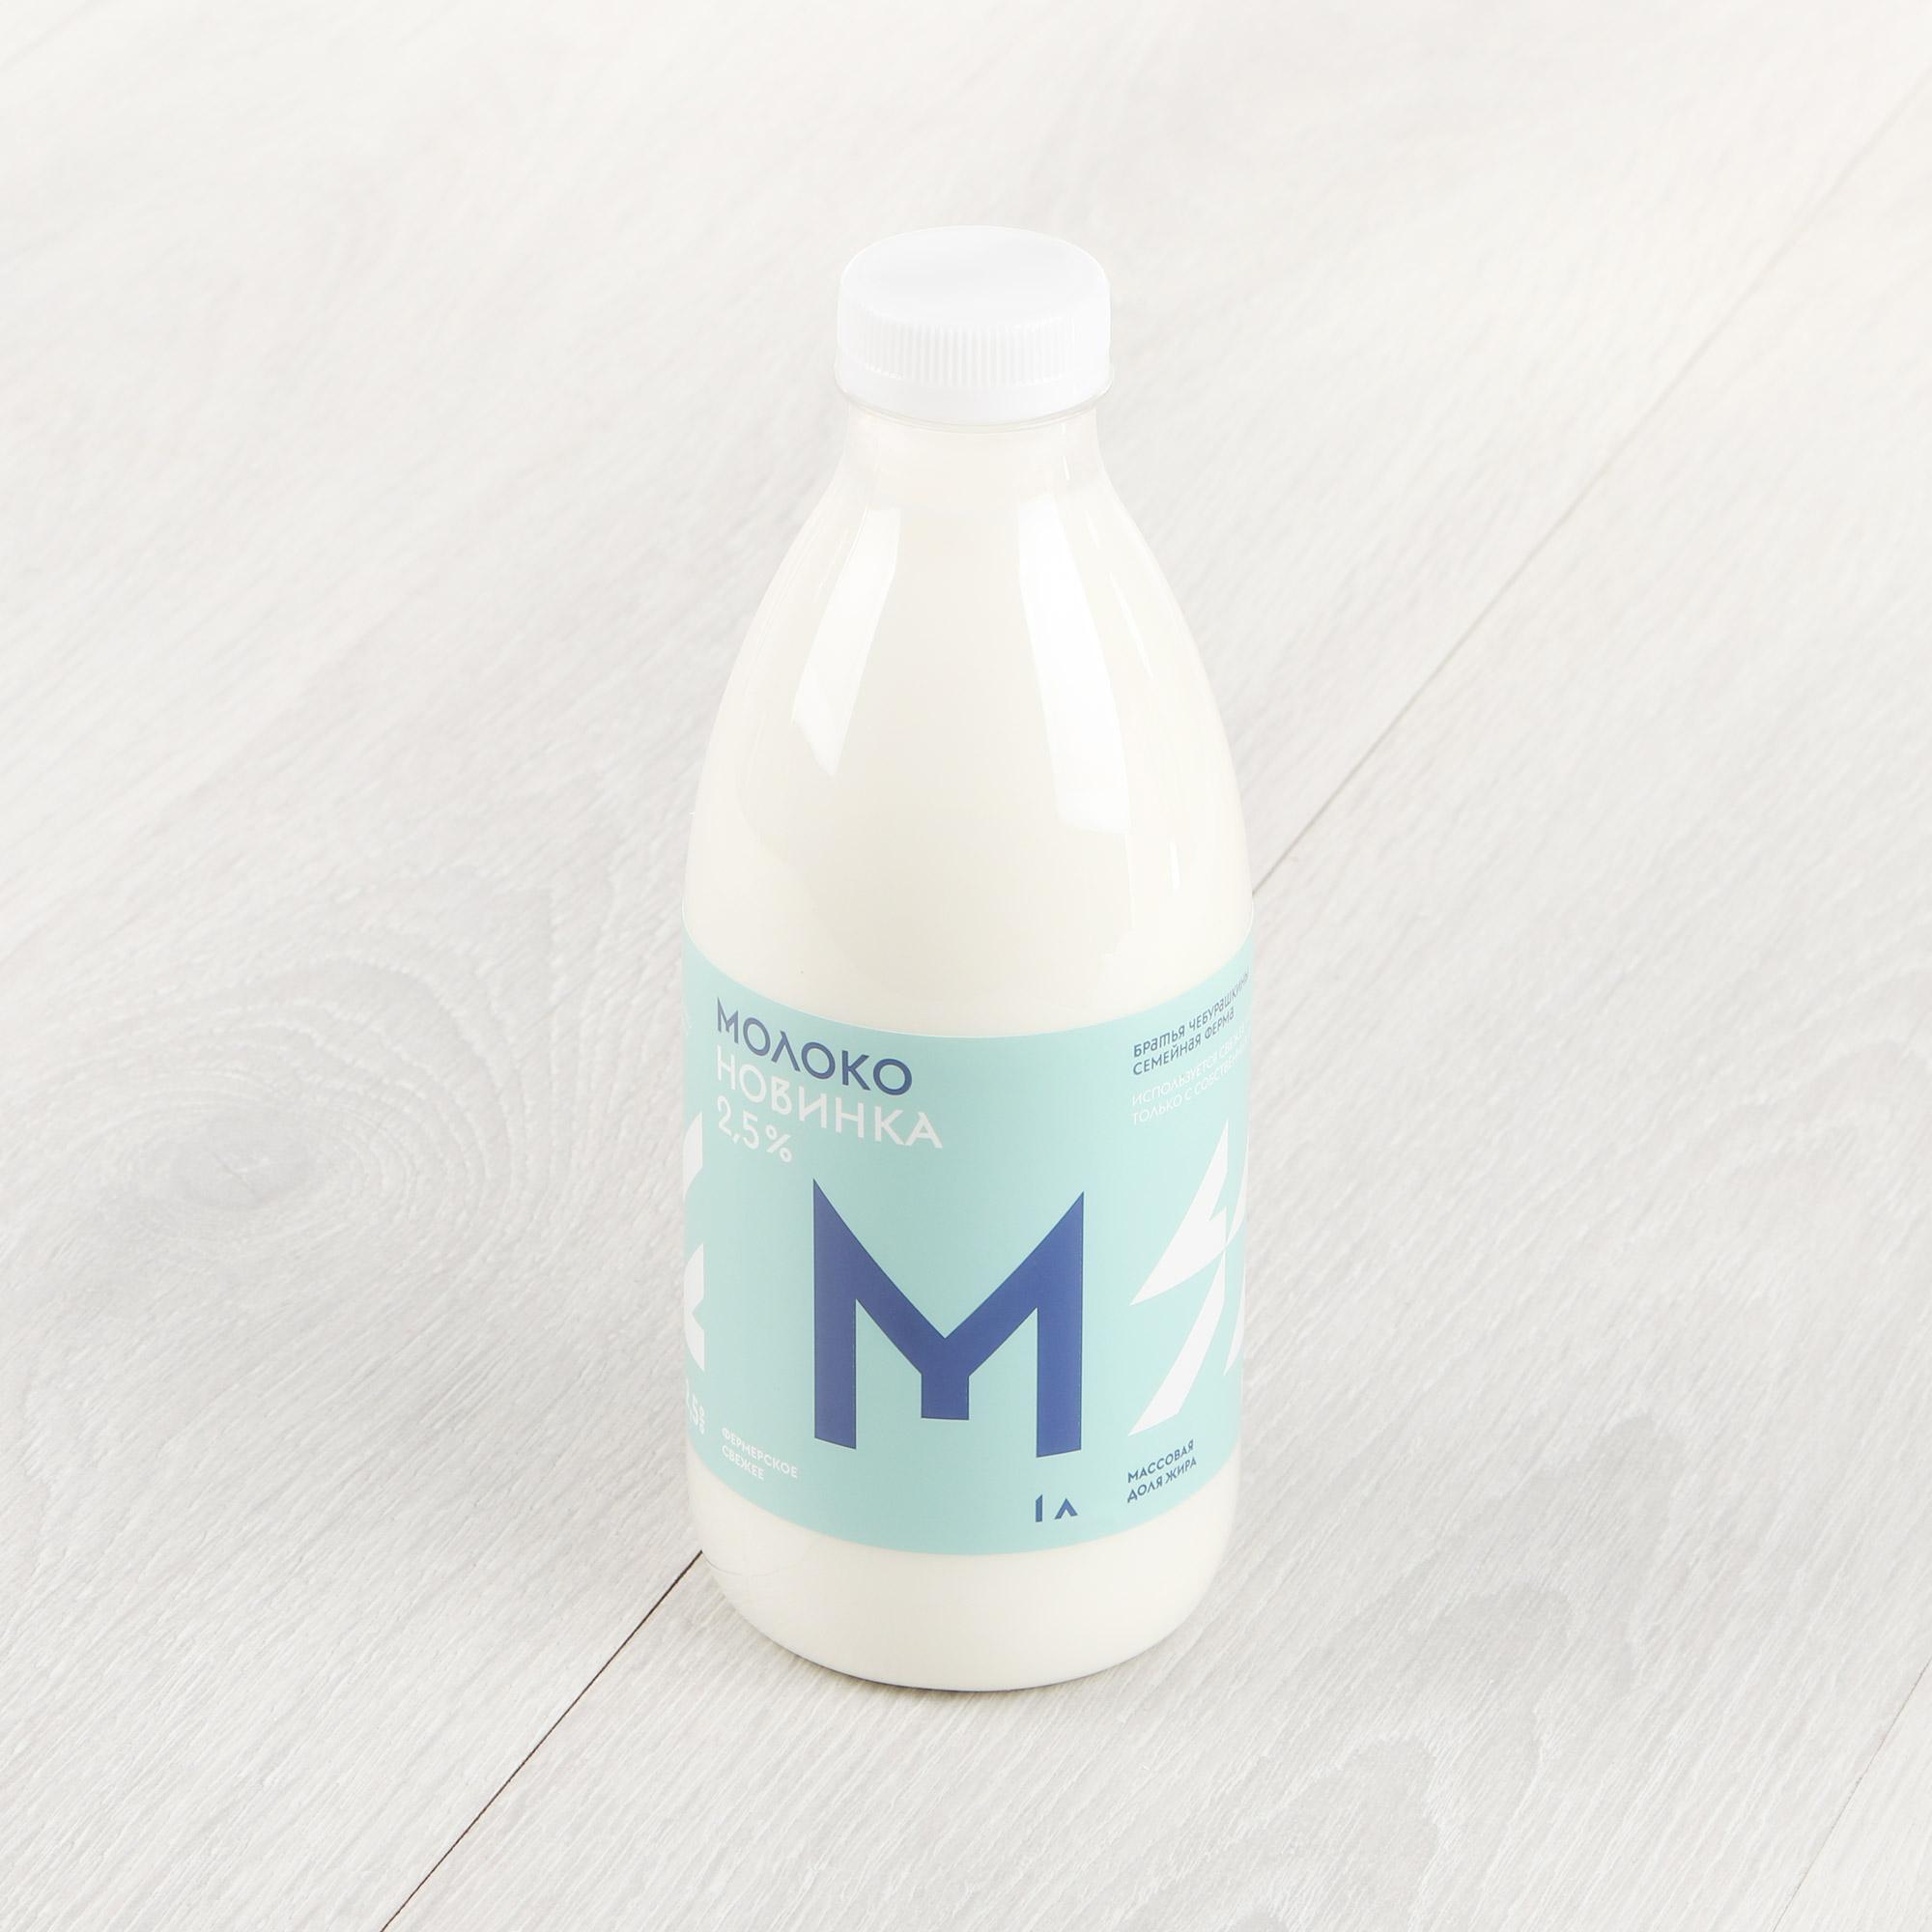 Молоко Братья Чебурашкины пастеризованное 2,5% 1 л